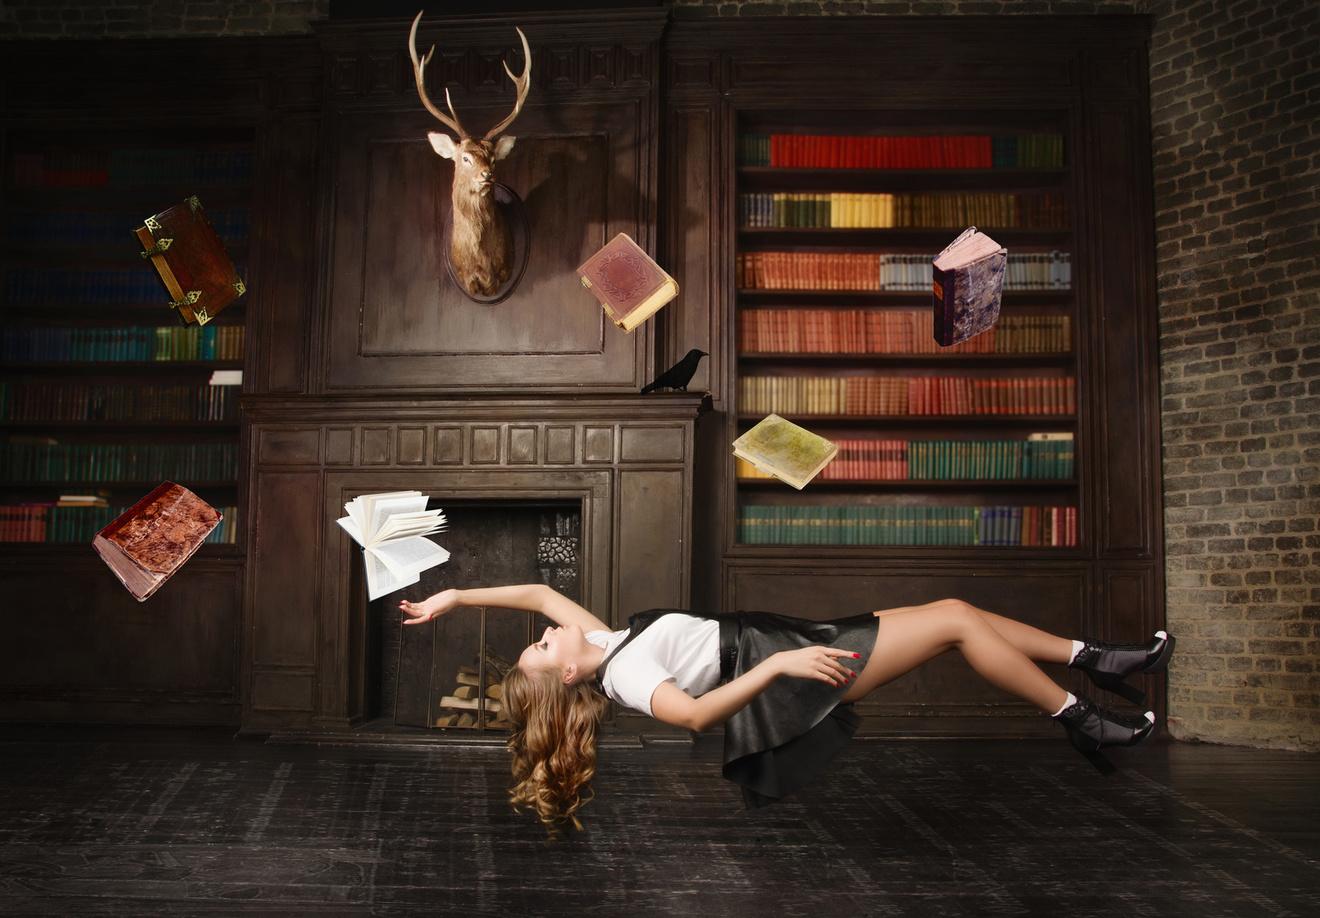 ヘンリー・ジェイムズのおすすめ文庫作品5選!代表作は『ねじの回転』